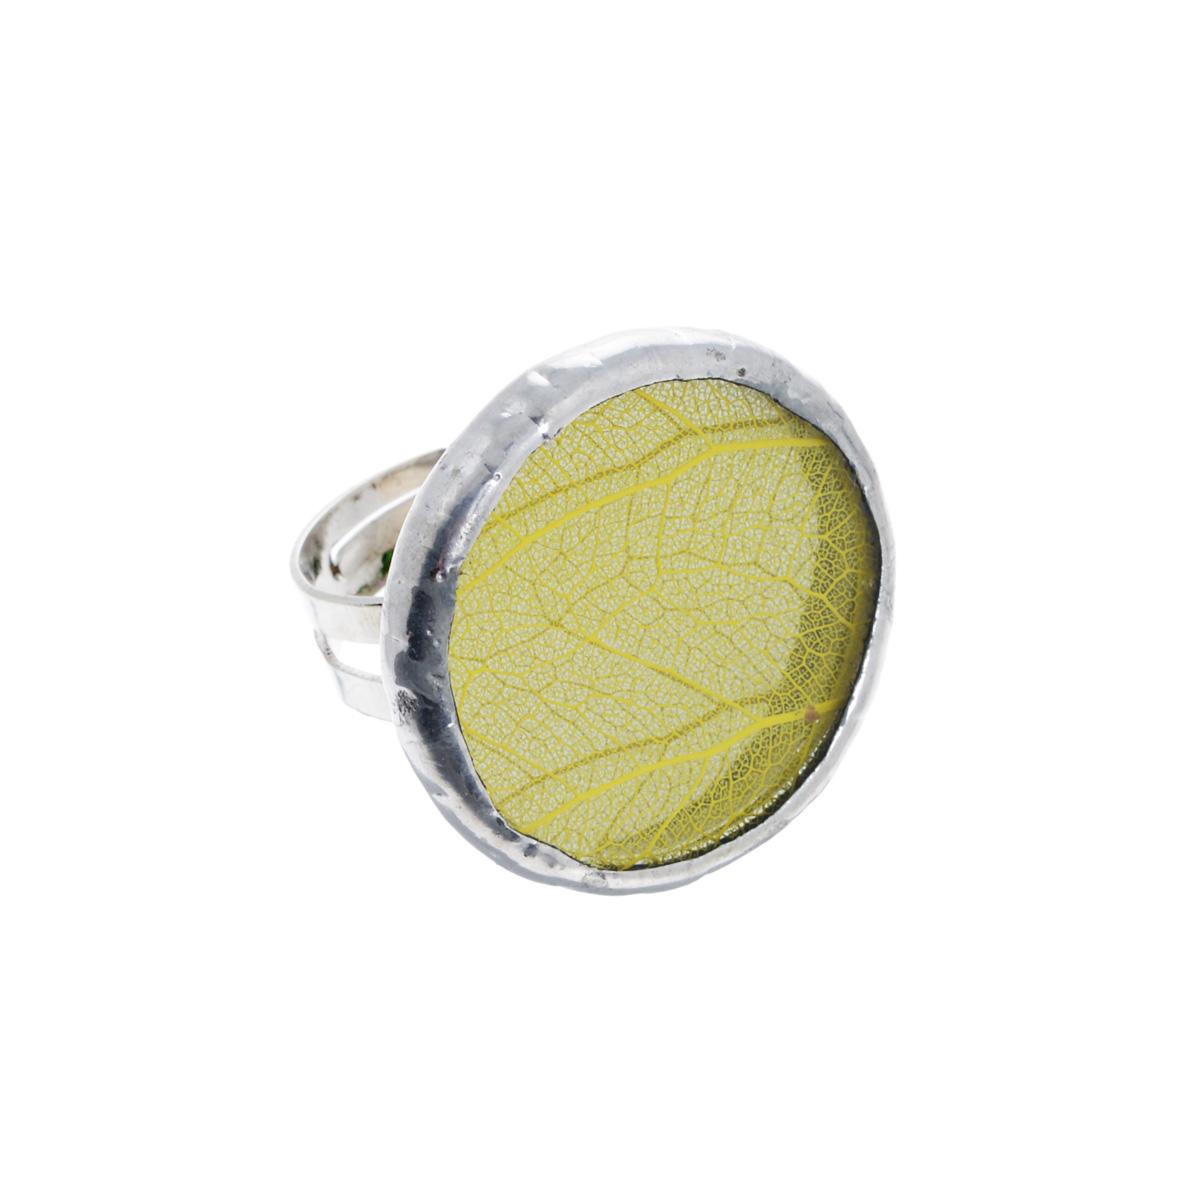 Кольцо Естественный отбор Лист, цвет: желтый. Ч-0063Ч-0063Кольцо Естественный отбор Лист не оставит равнодушной ни одну любительницу необычных аксессуаров. Кольцо выполнено из металла и оснащено круглой стеклянной вставкой, украшенной гербарием желтого листика. Кольцо безразмерное. Это по-настоящему весенний аксессуар - яркий и необыкновенный, способный как по волшебству наполнить воздух солнечными лучами и запахами весны. Прекрасно подойдет для натур неординарных и легких на подъем, которые предпочитают все оригинальное и нестандартное.